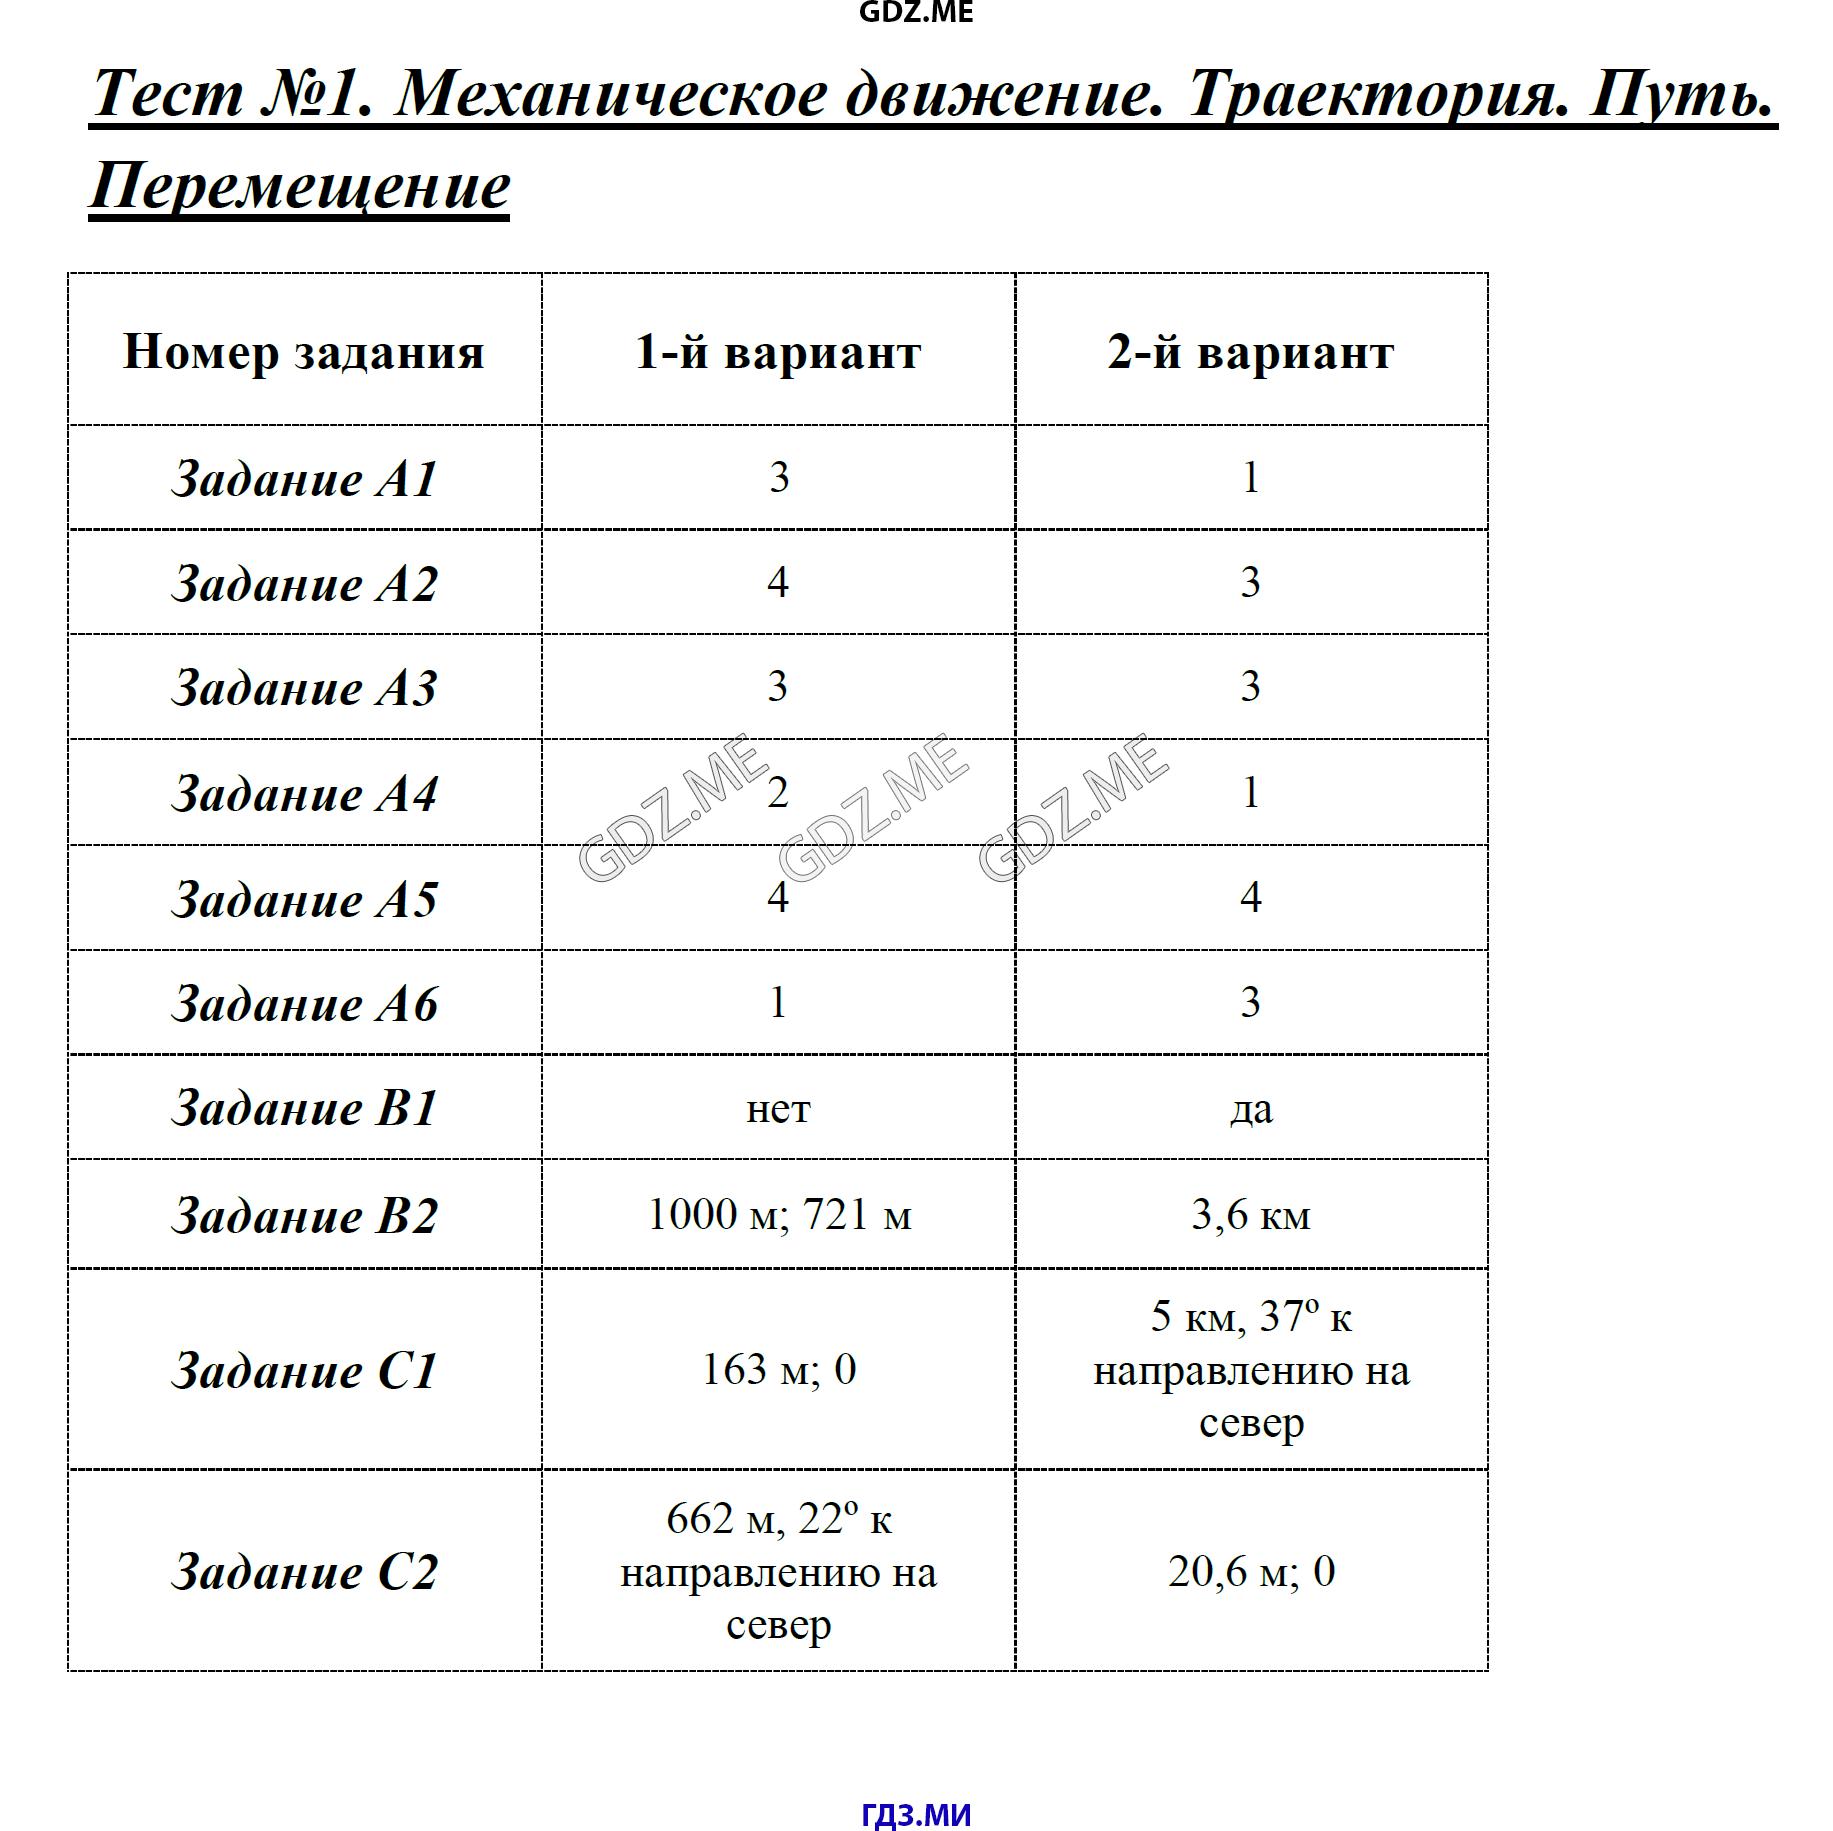 Контрольно измерительные материалы по физике 6-9 класс ответы